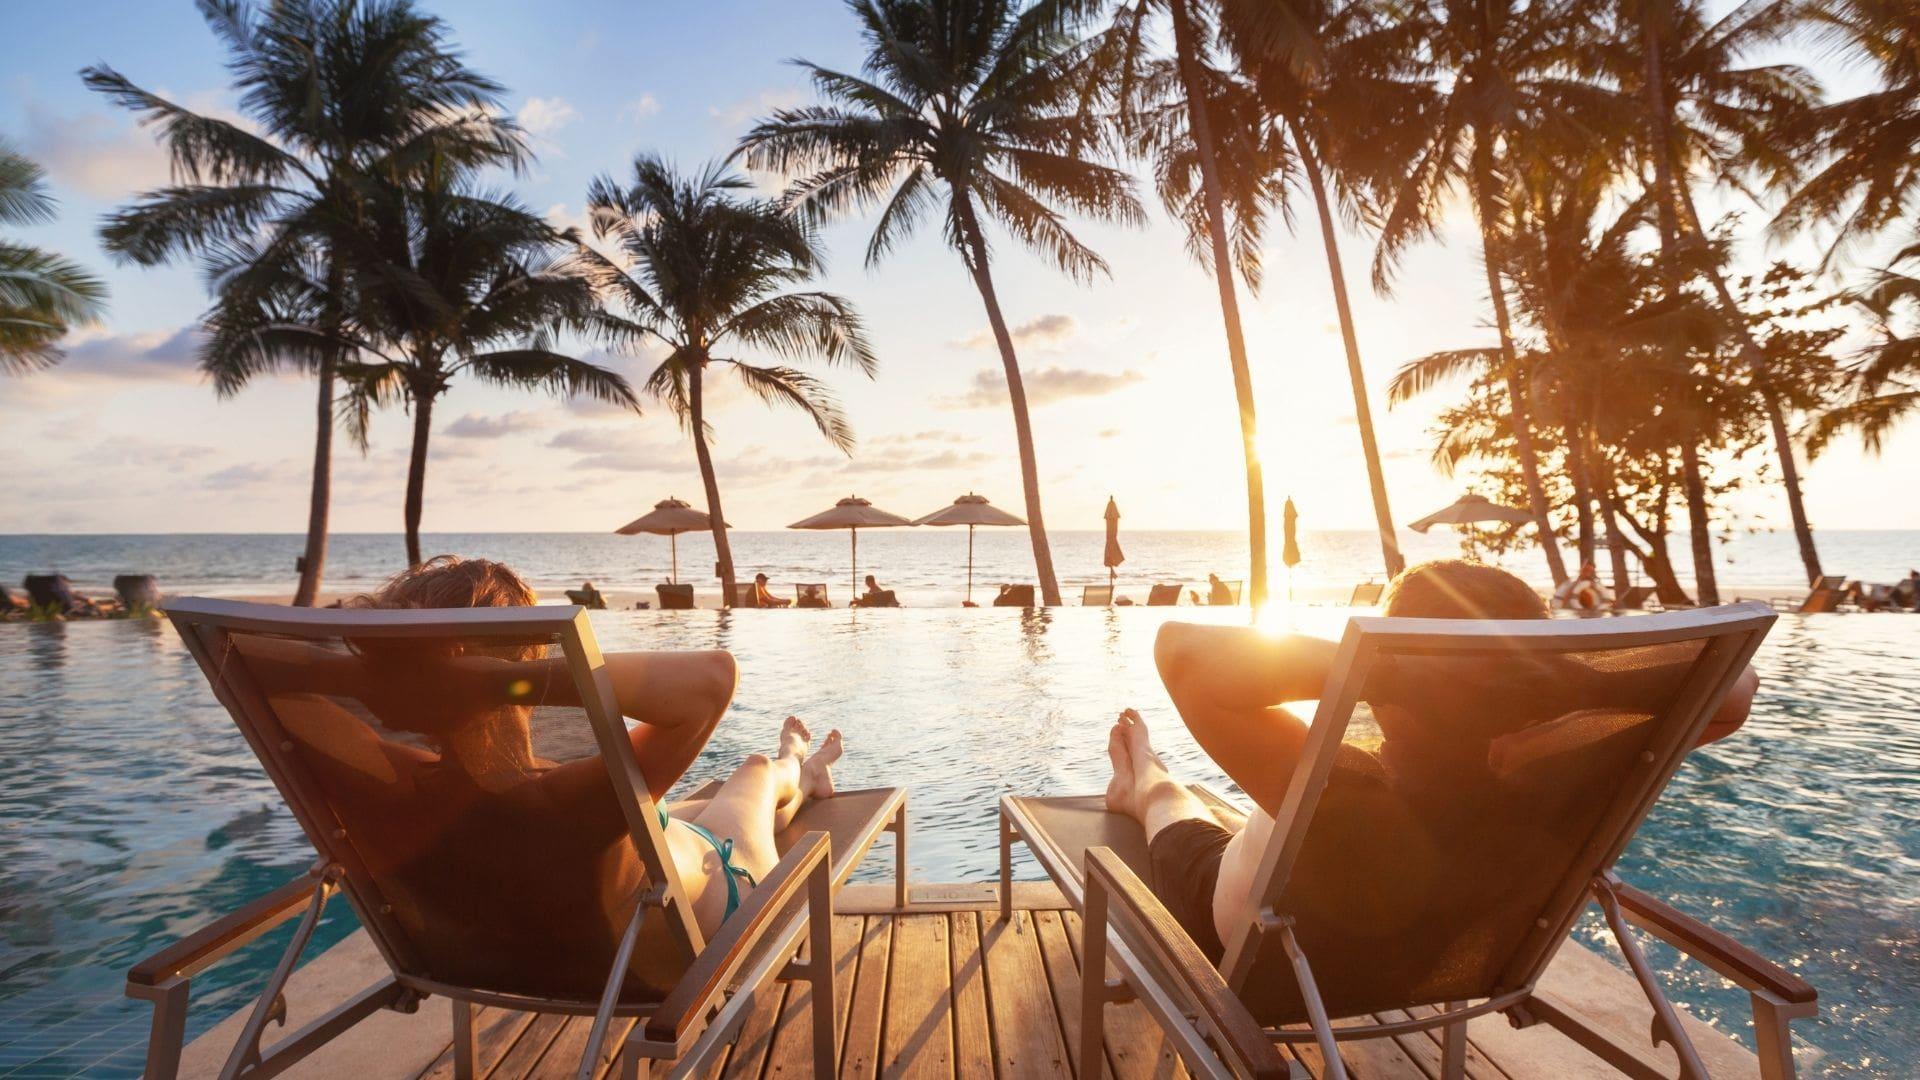 Urlauber auf Liegestühlen in Thailand